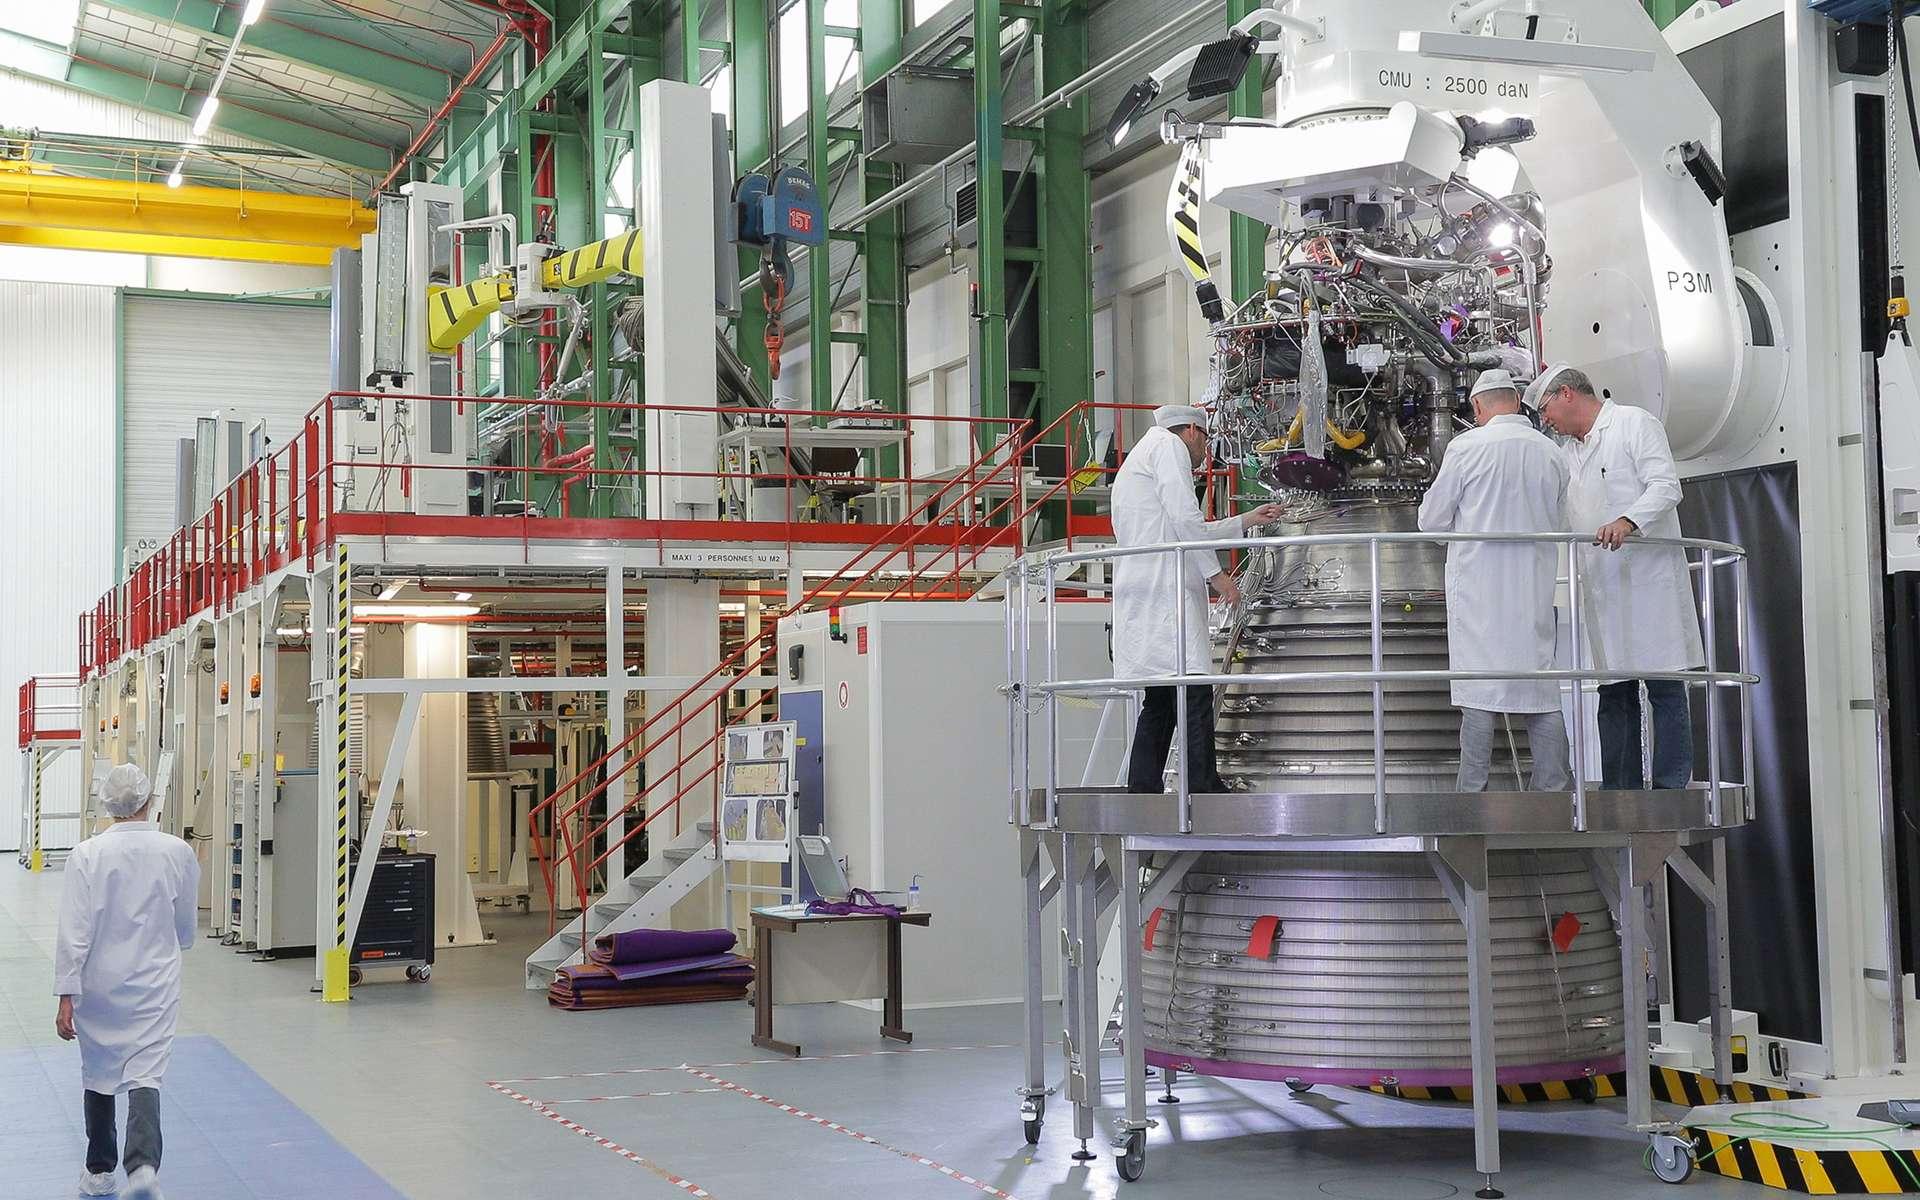 Un moteur Vulcain d'Ariane 6 en cours d'assemblage sur le site de Vernon d'ArianeGroup, dans l'Eure. © ArianeGroup Holding